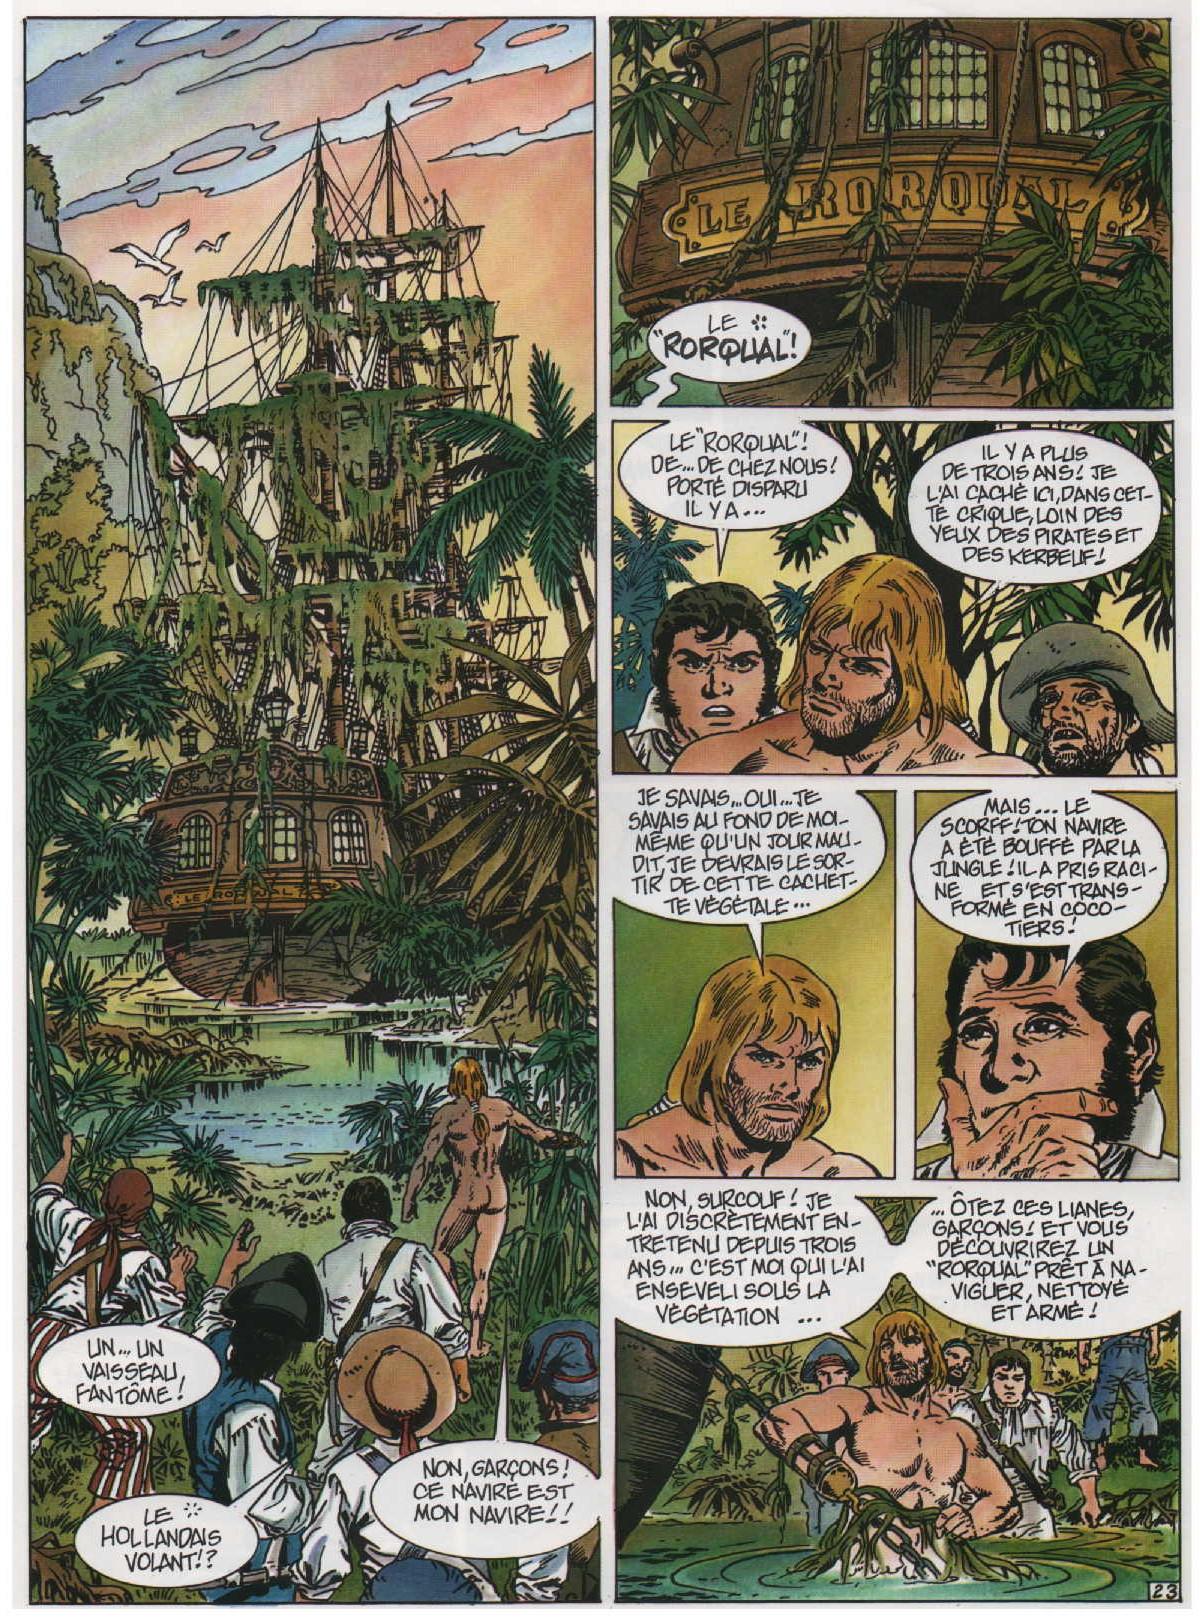 « Les Survivants de l'Atlantique T5 : Tempête sur Trafalgar » éditions Soleil (1997).